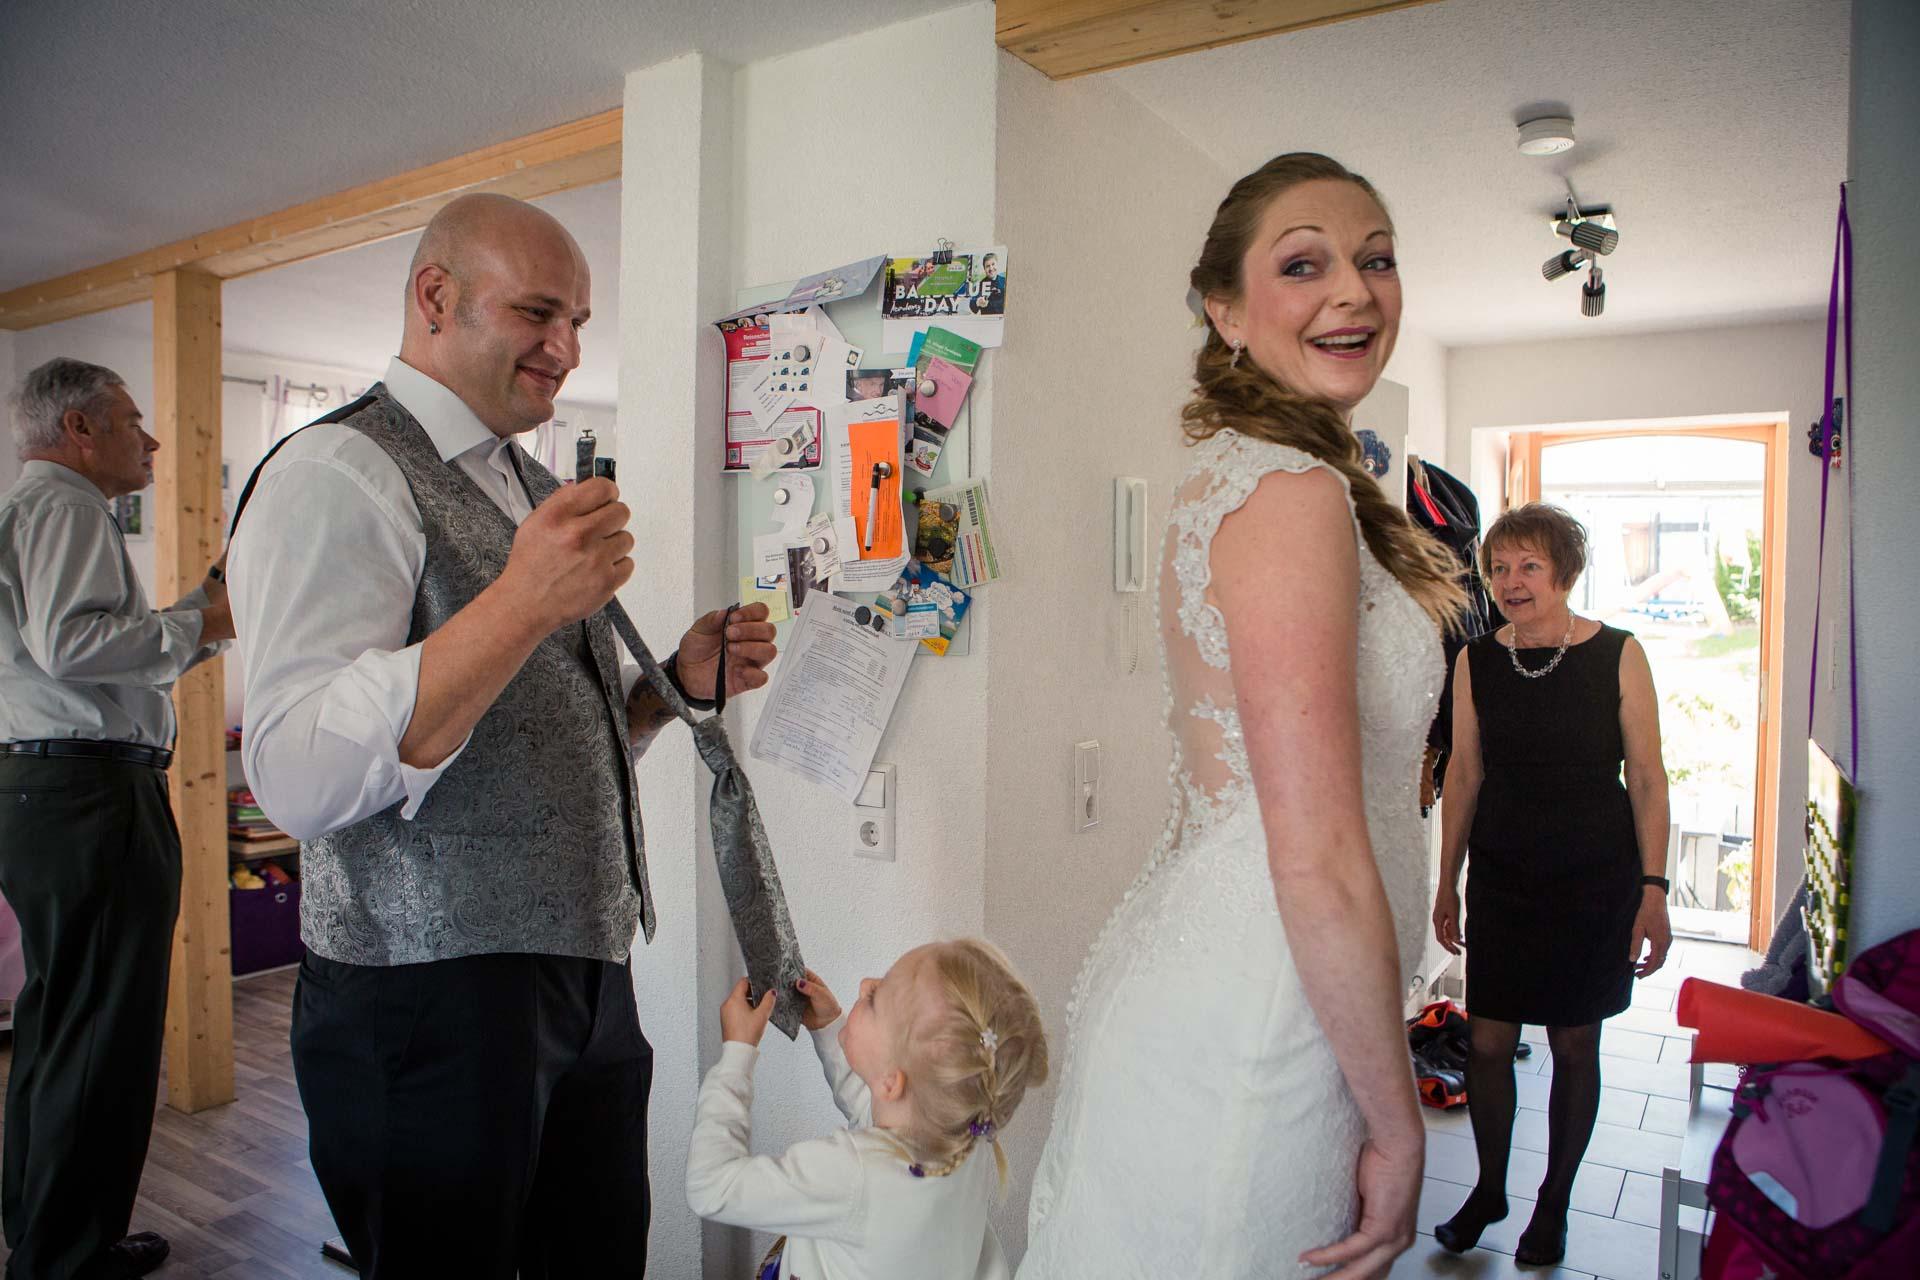 Hochzeitsfotograf am Bodensee | Hochzeitsfotograf Allgäu